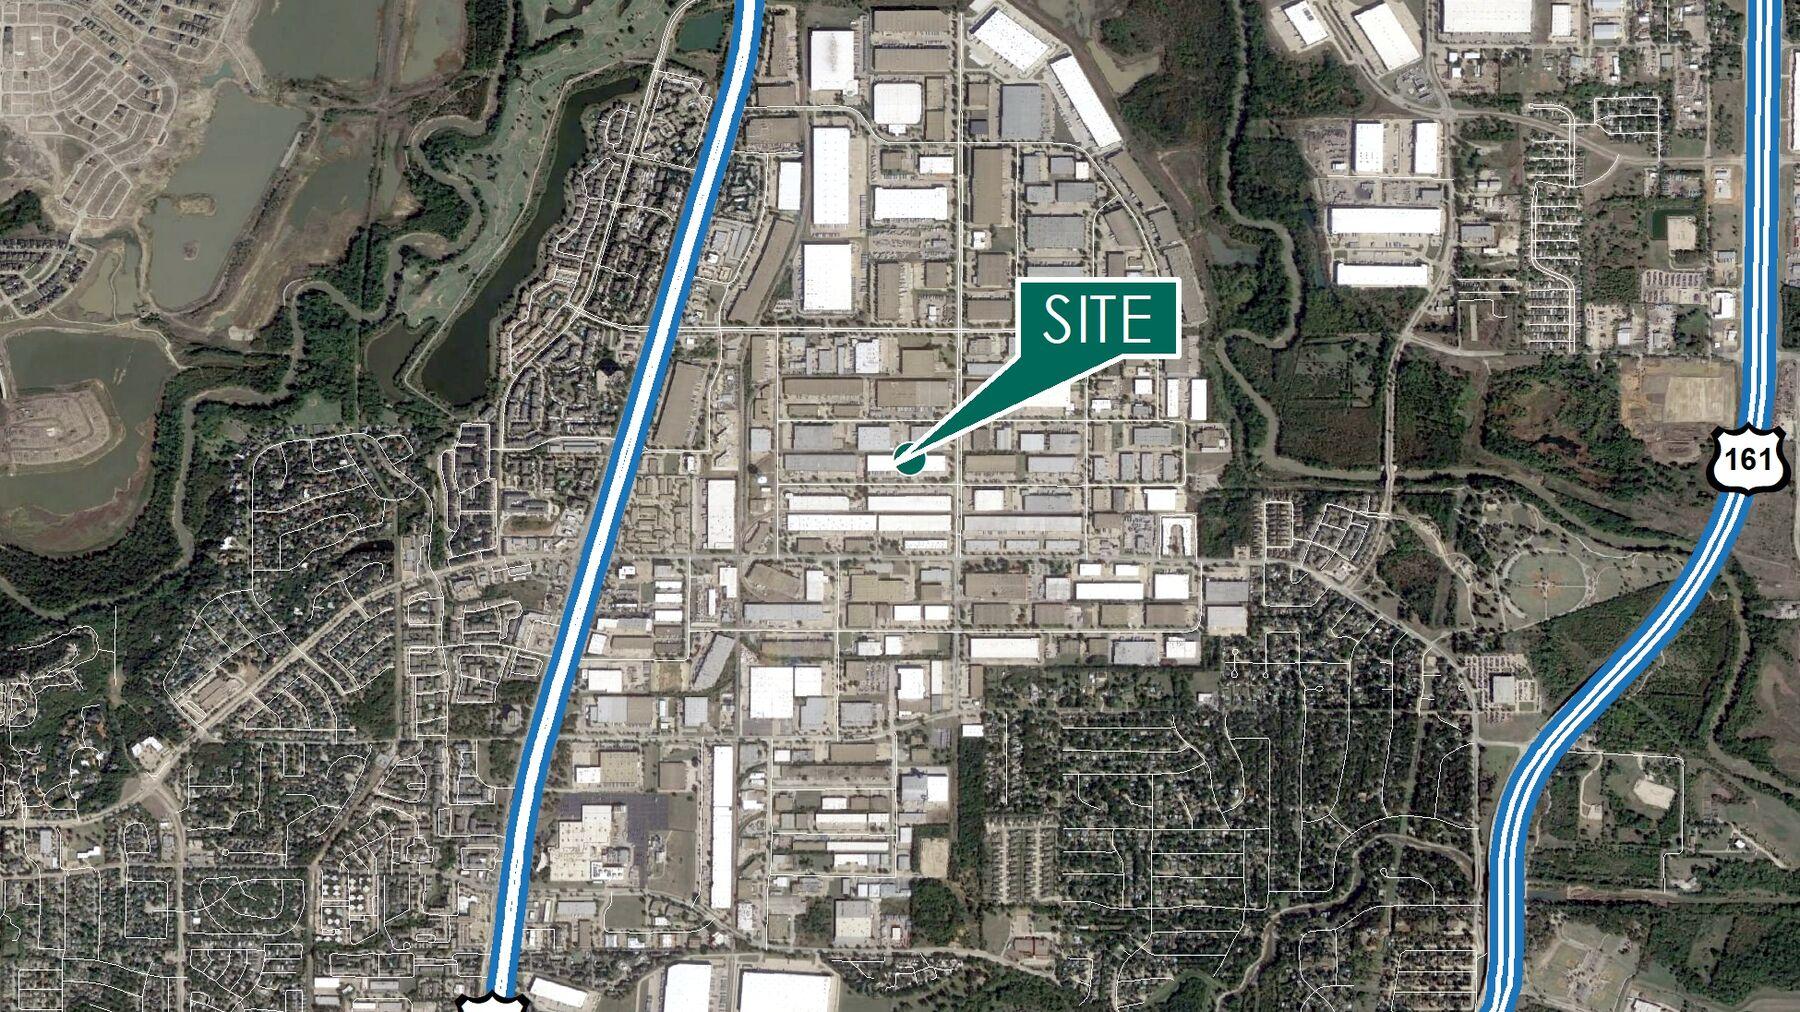 DPM-Prologis-Great-Southwest-43-DAL01743-1025-Avenue-S_AerialMap.jpg